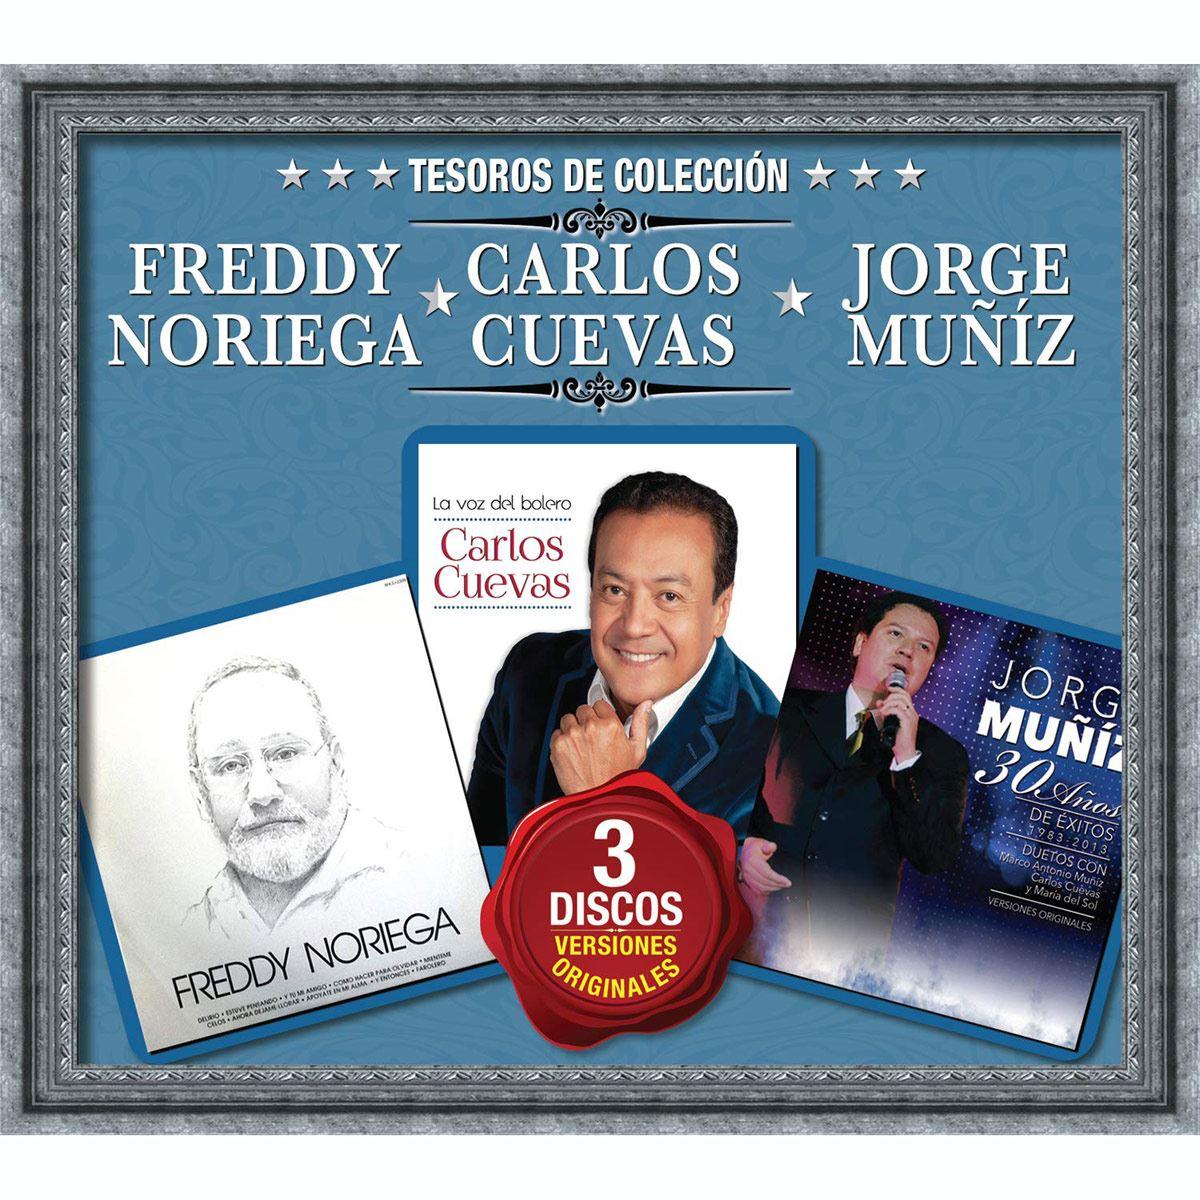 CD3 Tesoros de Colección Freddy Noriega, Carlos Cuevas y Jorge Muníz